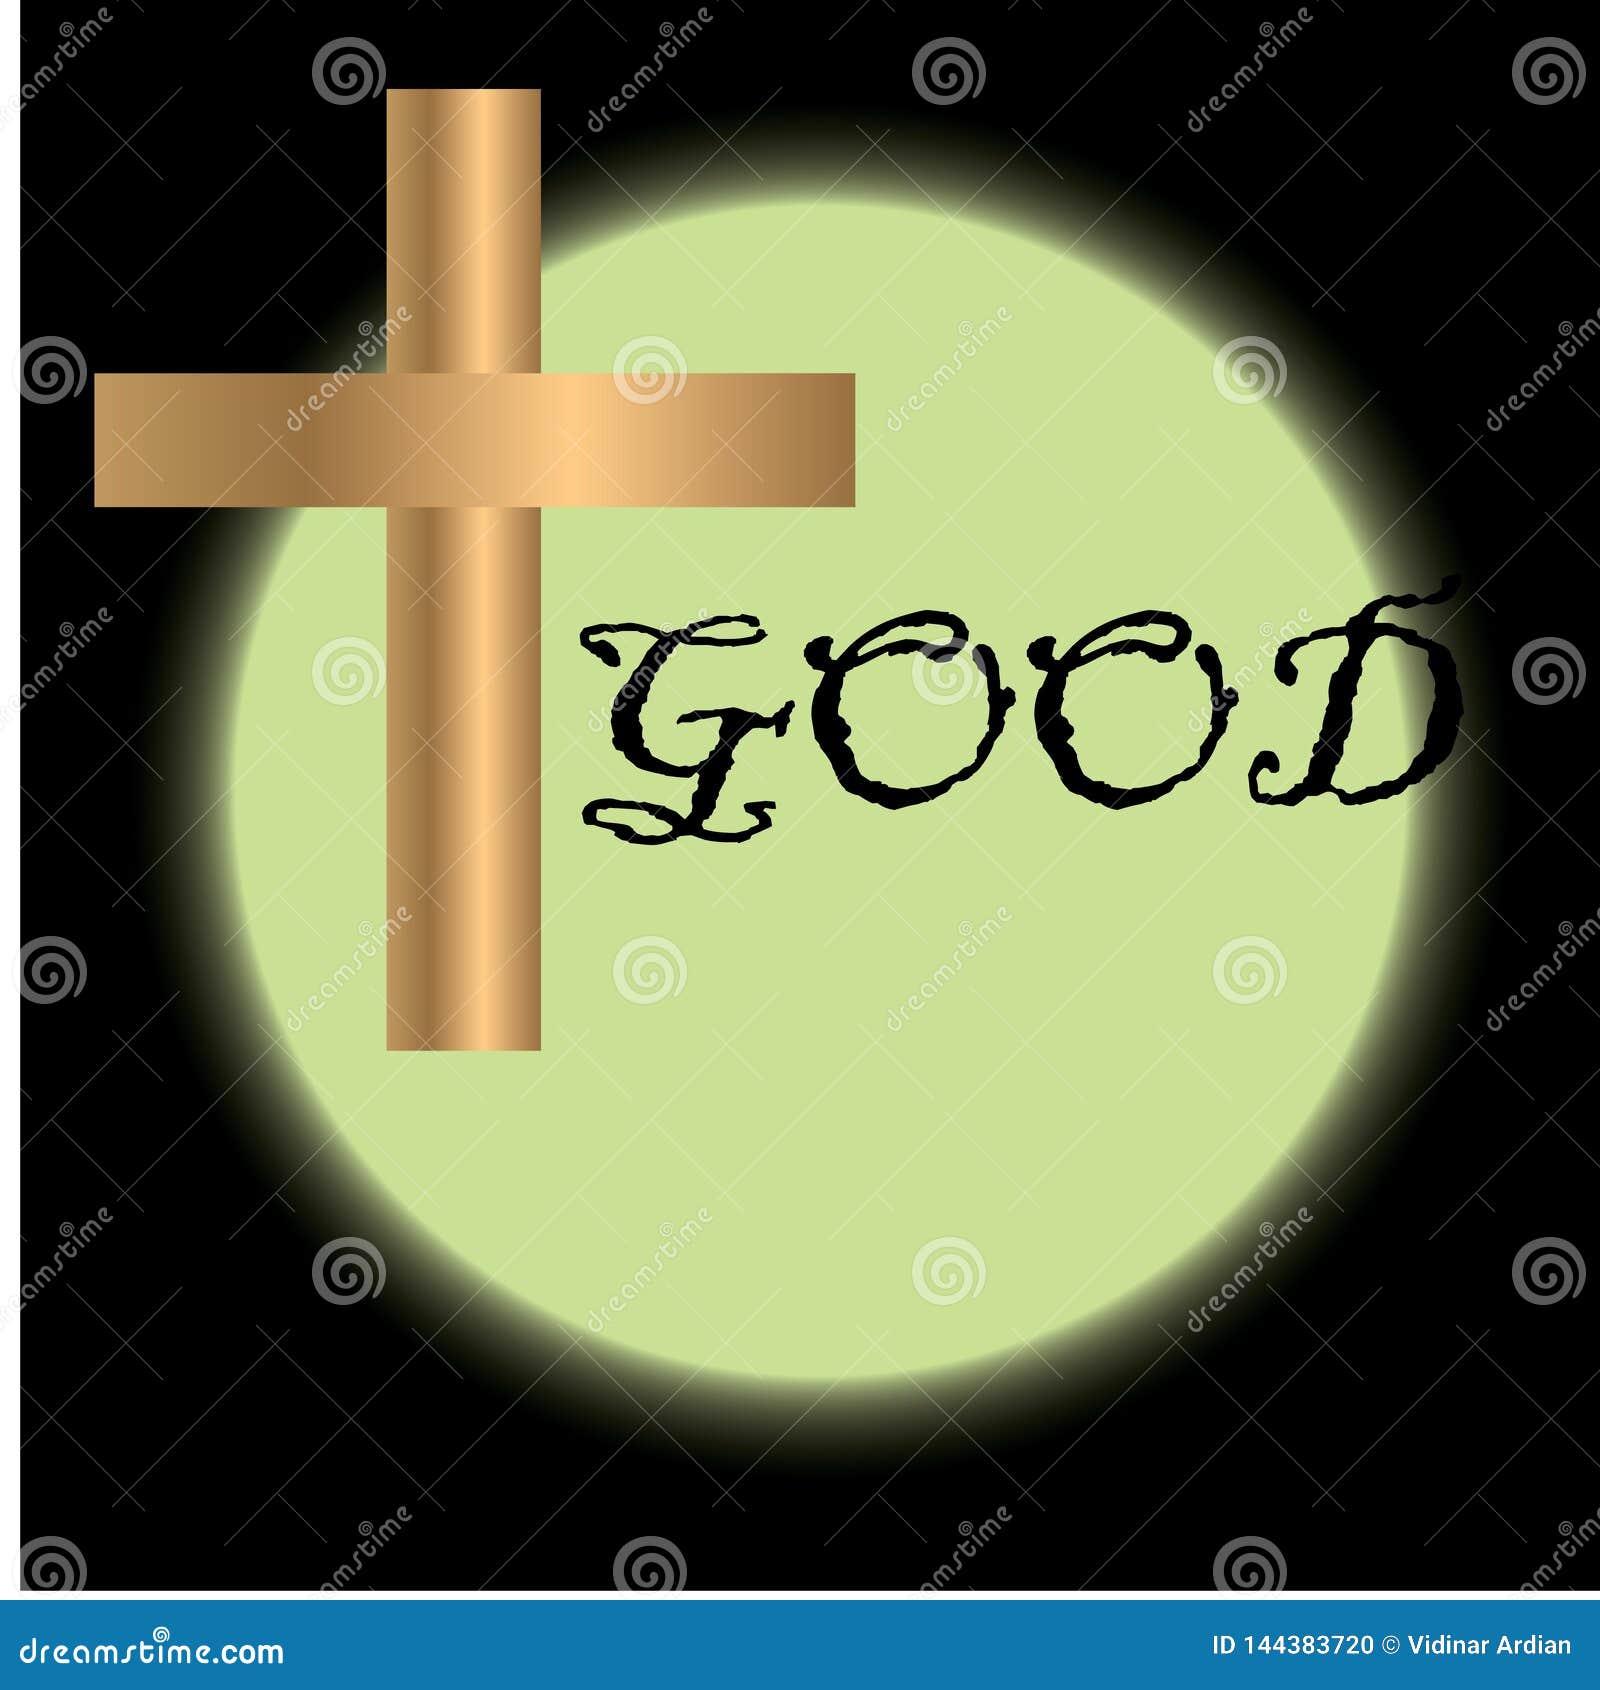 Långfredagillustration för kristet religiöst tillfälle med korset Kan användas för bakgrund, hälsningar, baner,